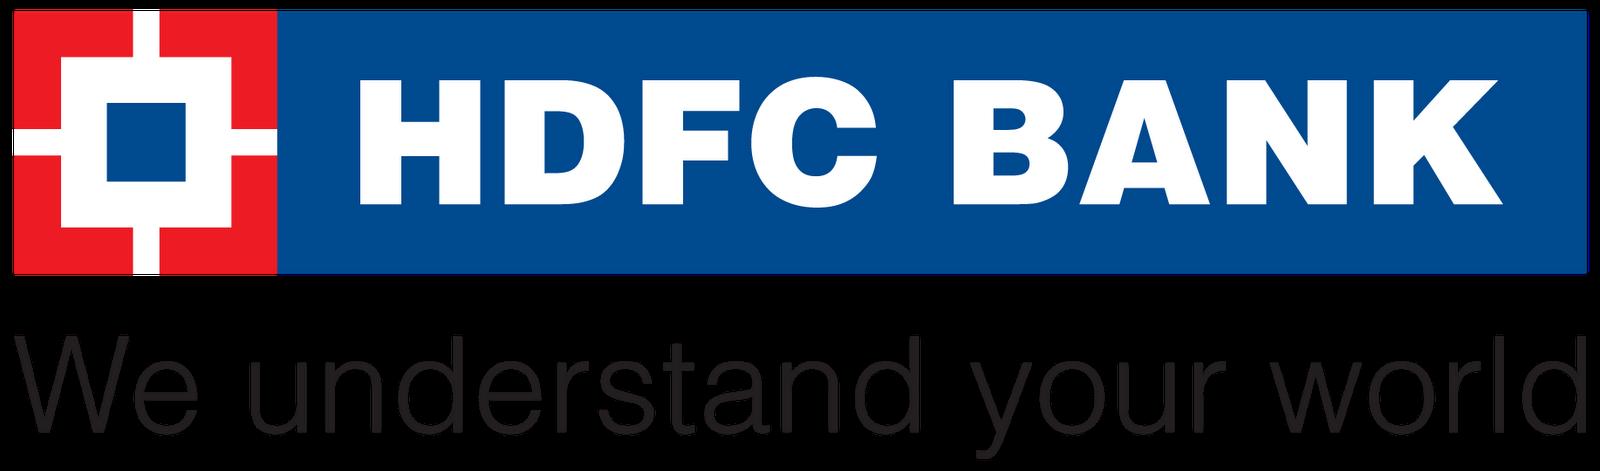 hdfc bank logo hdfc bank logo vector free indian logos